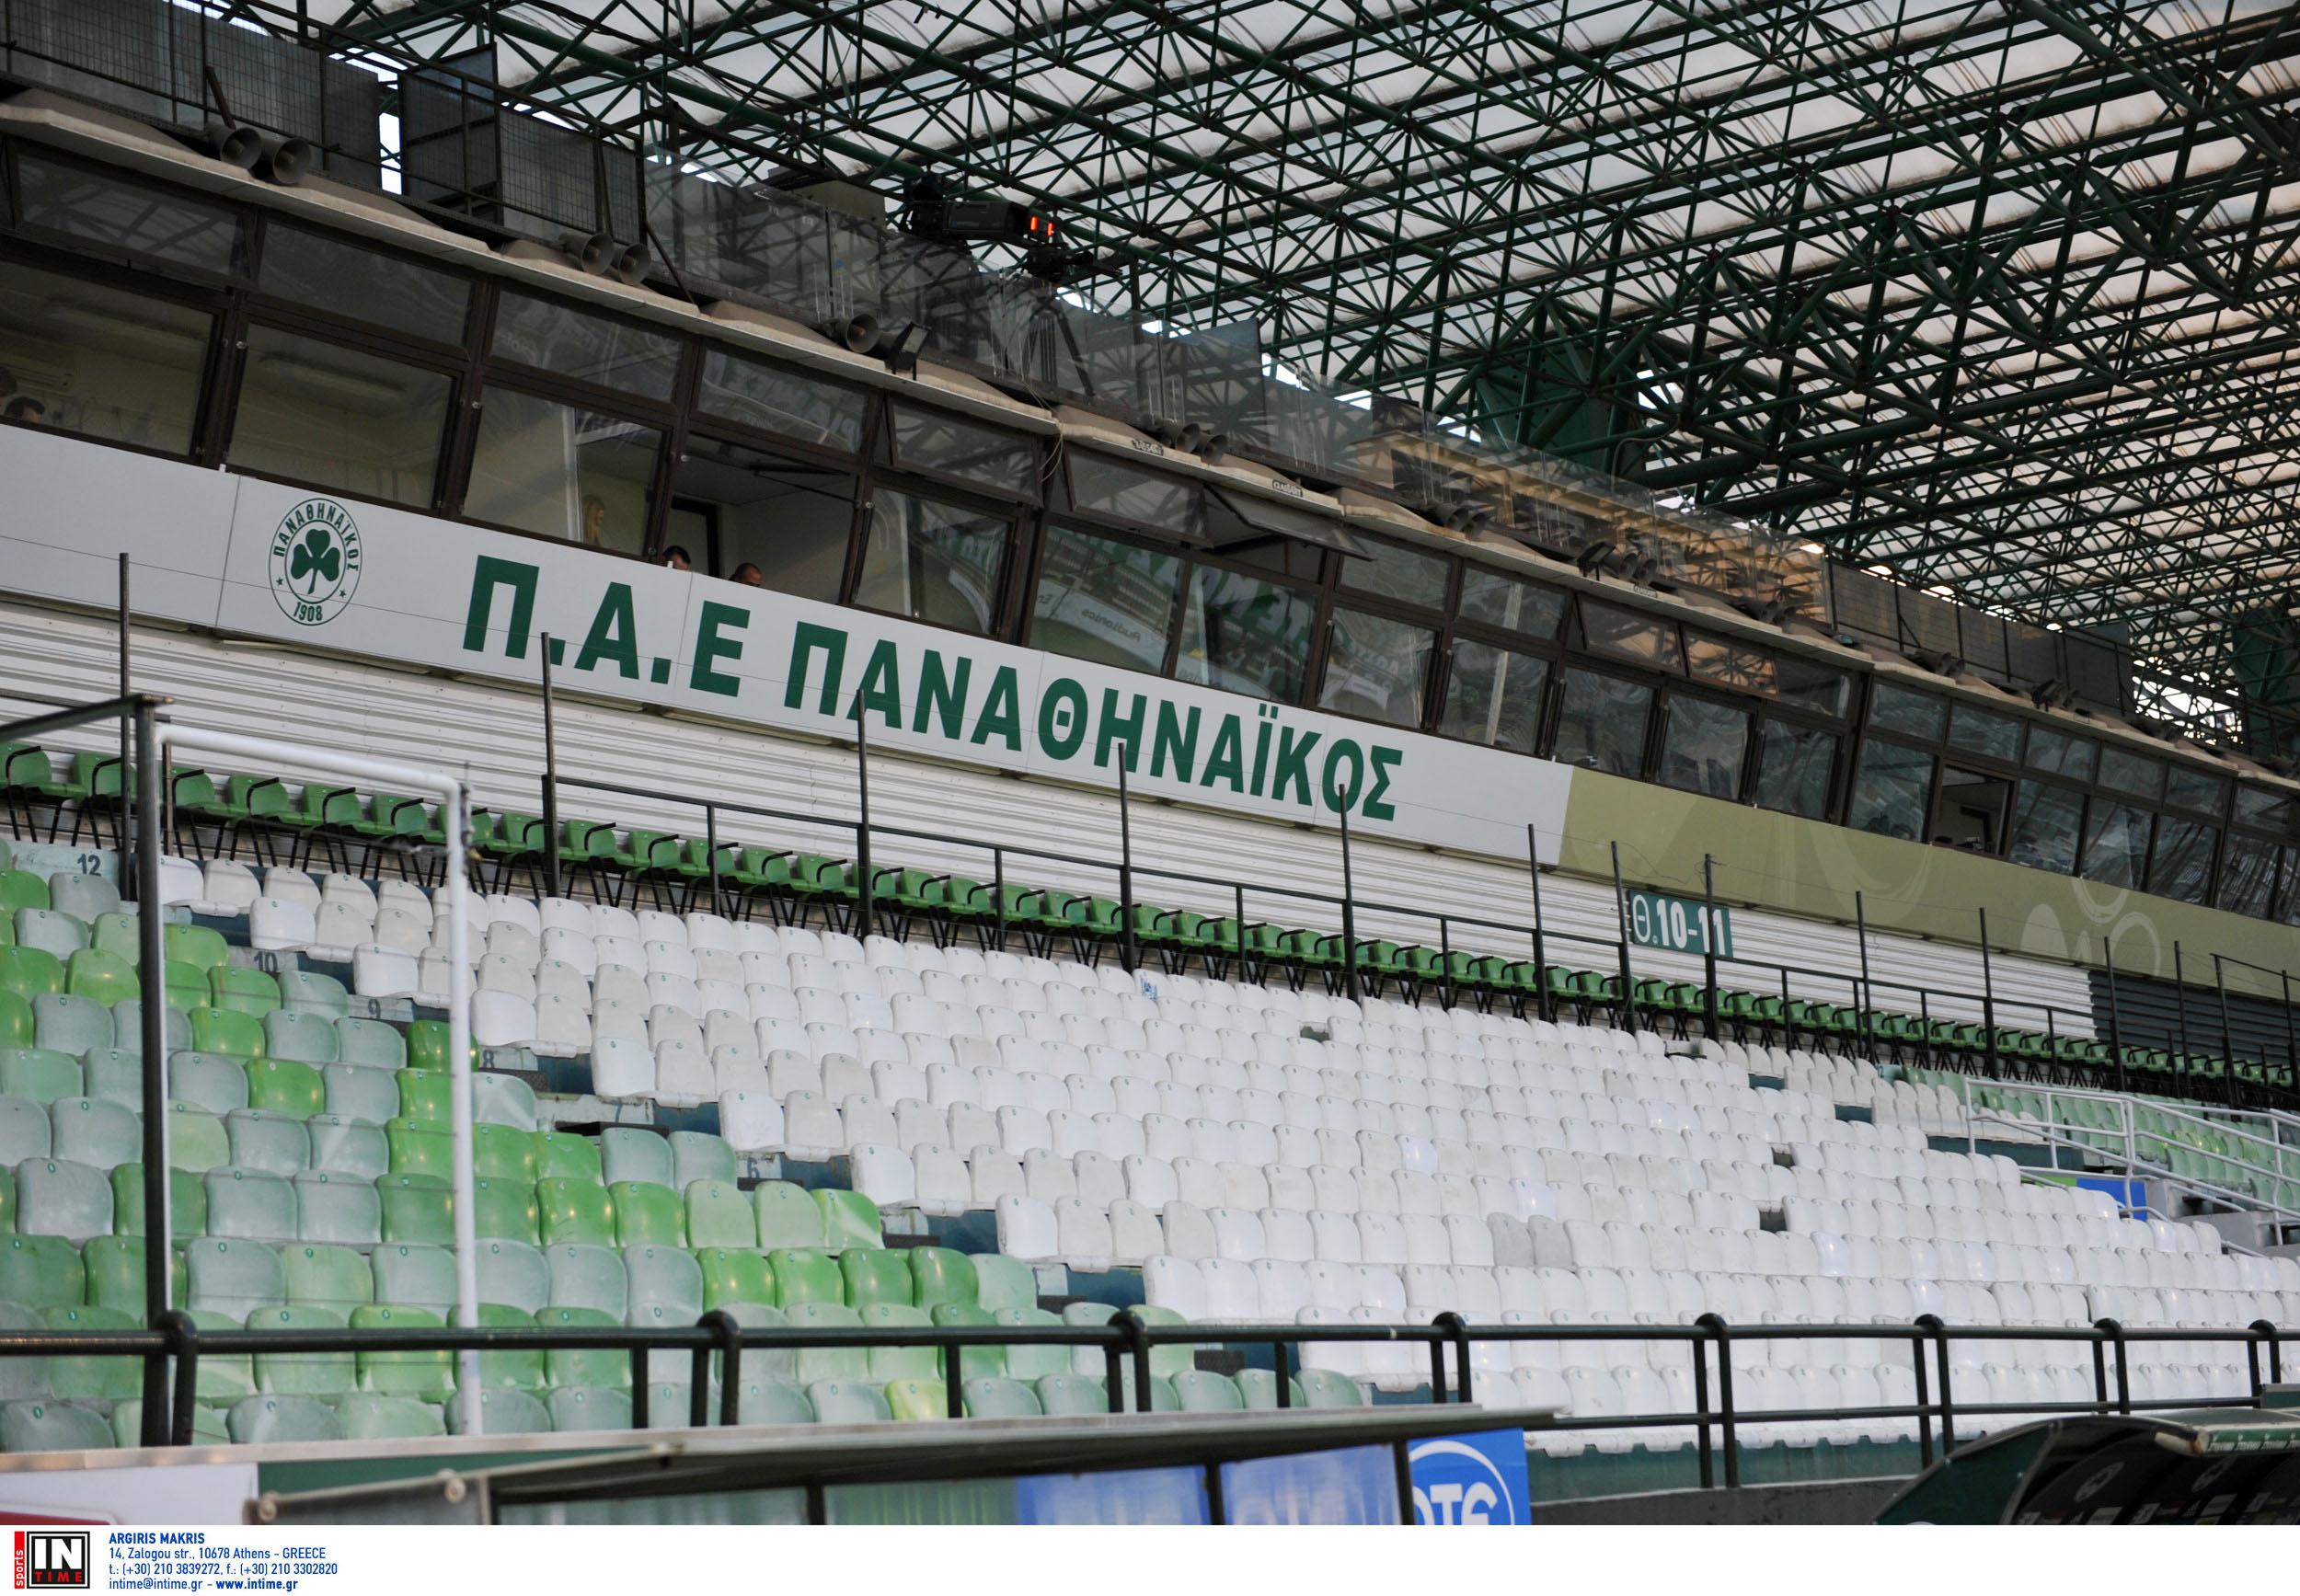 """Παναθηναϊκός: """"Βόμβα"""" Αλαφούζου για νέο γήπεδο στη Λεωφόρο (video)"""